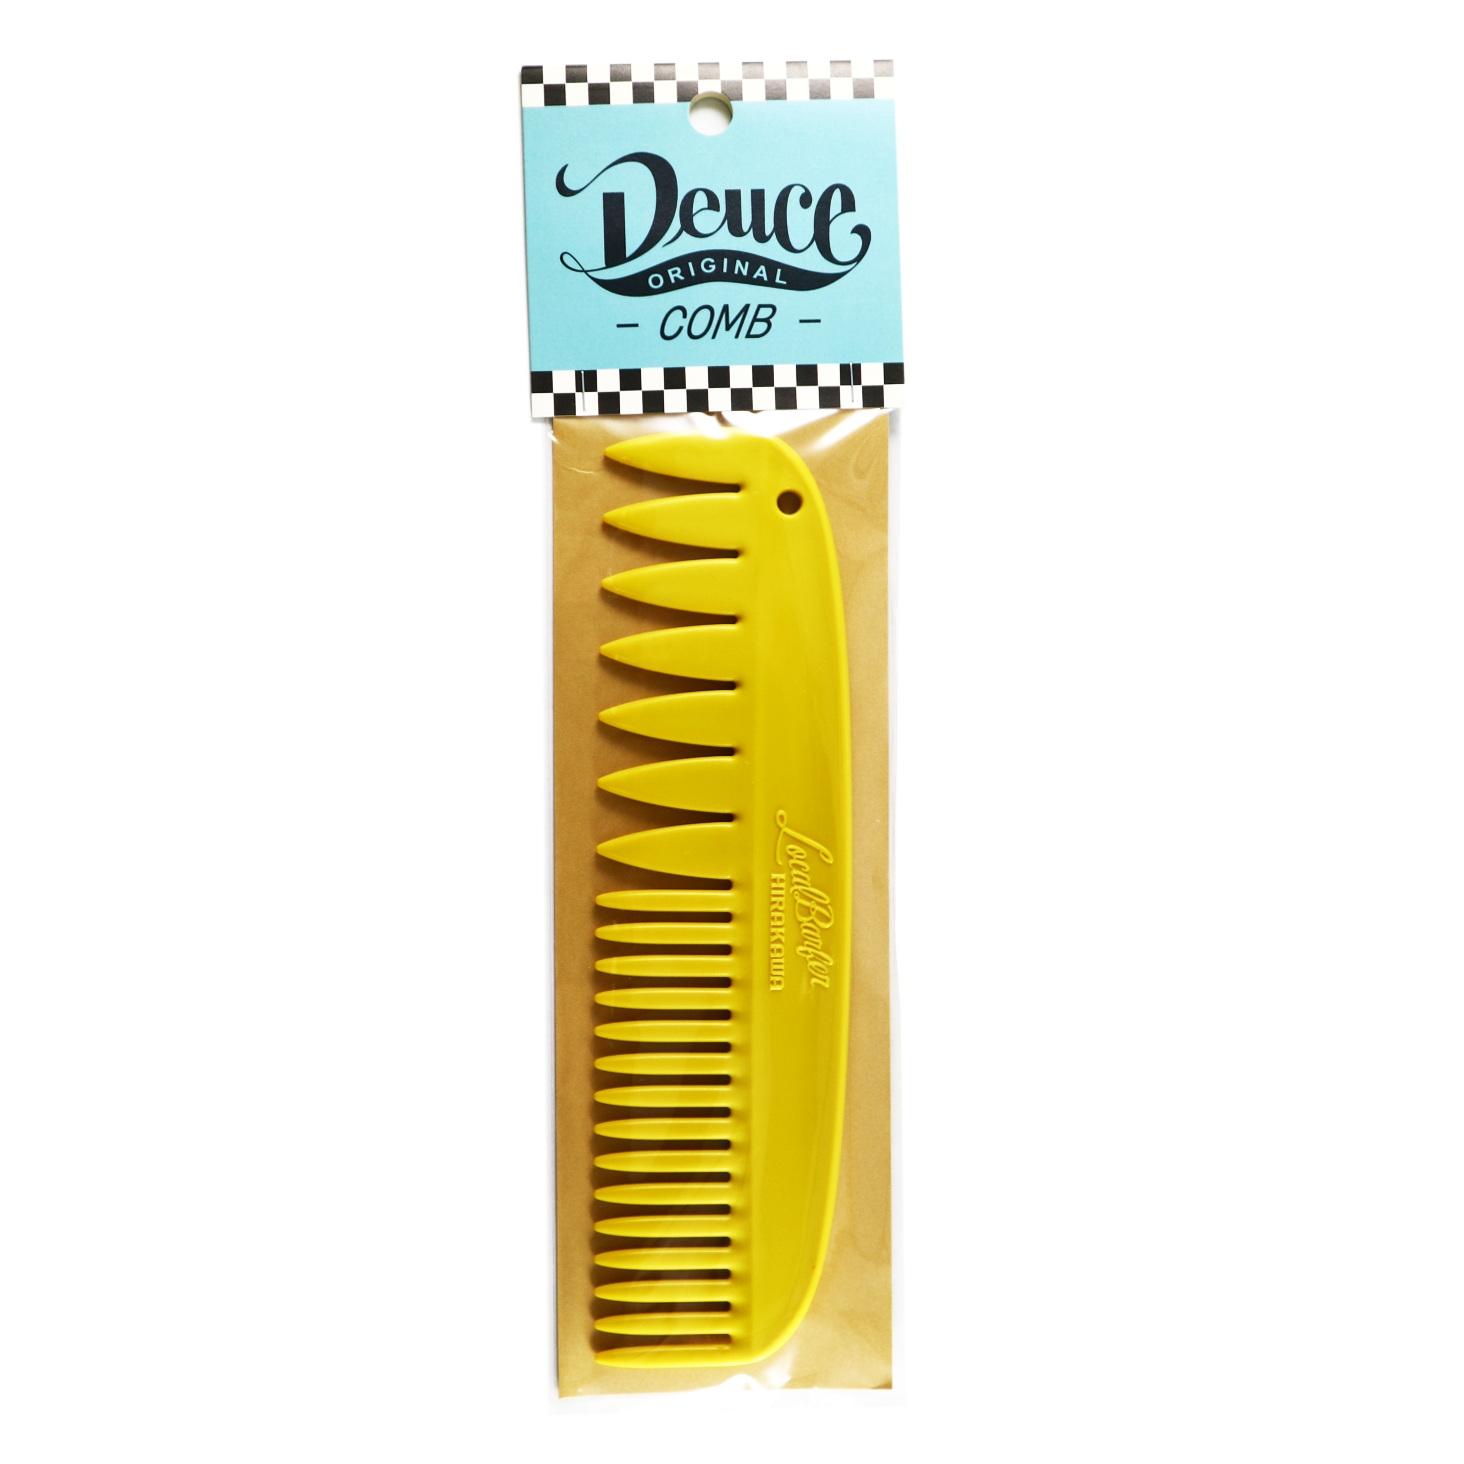 Deuce Comb(イエロー)/Deuce(コーム)